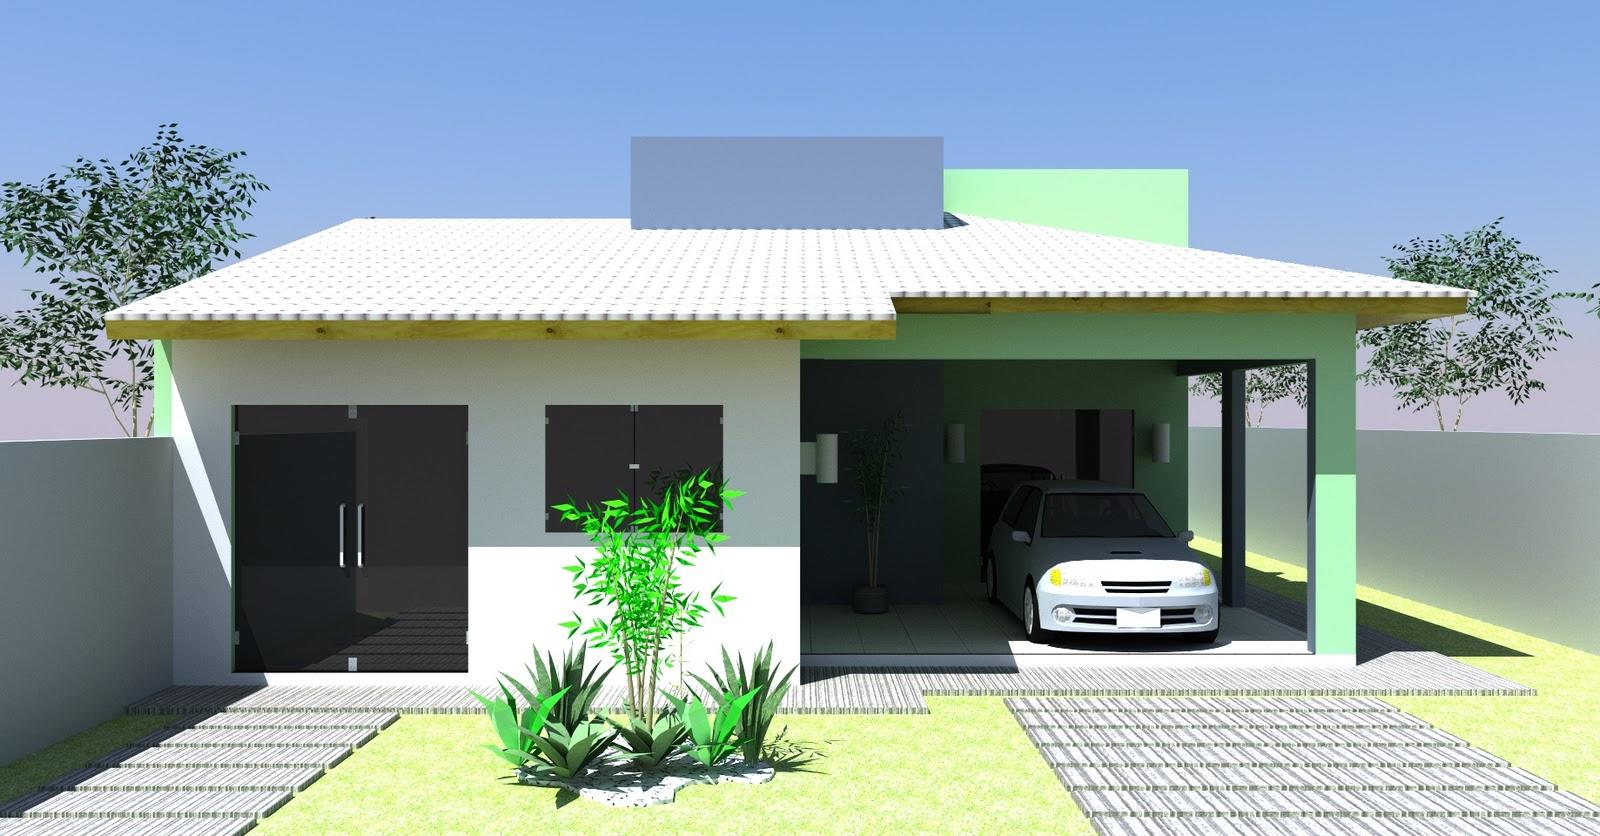 Imagens de #89A823 Aline Costa: Estudo alteração de fachada 1600x836 px 3426 Bloco Cad Banheiro Deficiente Planta